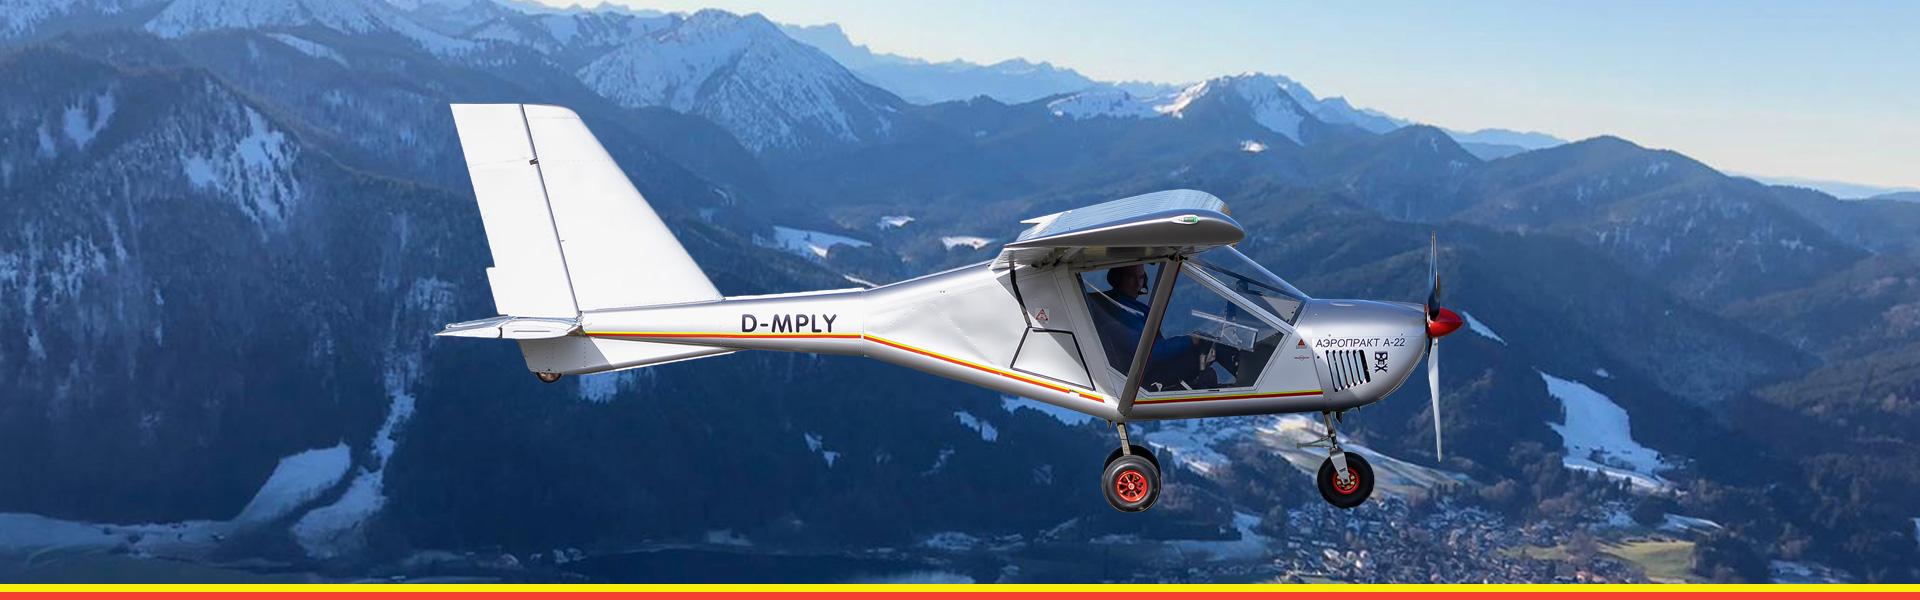 Rundflug über Bayern und die Bayerischen Seen mit einem Ultraleichtflugzeug